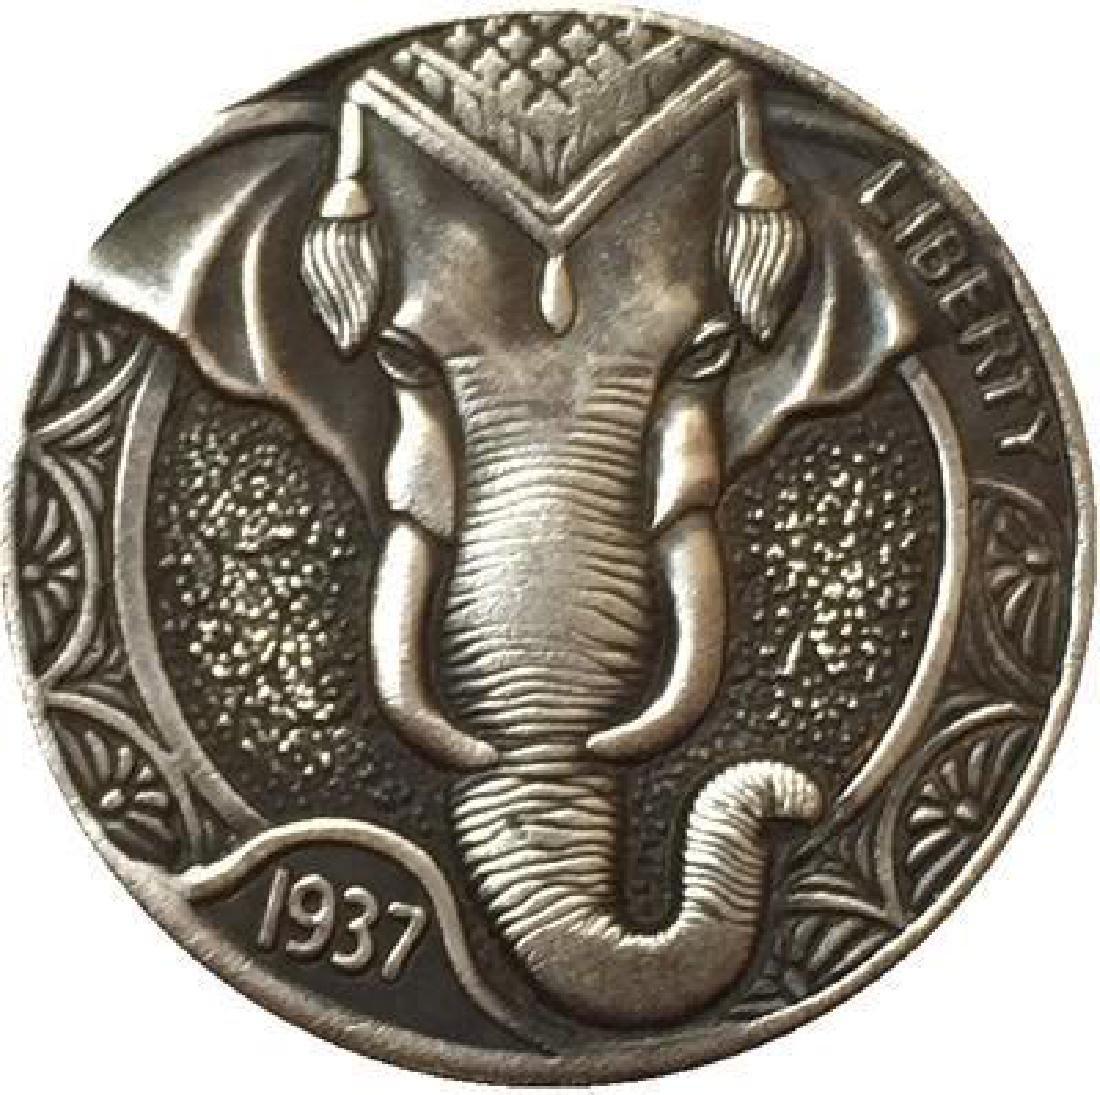 1937 USA Circus Elephant Buffalo Coin